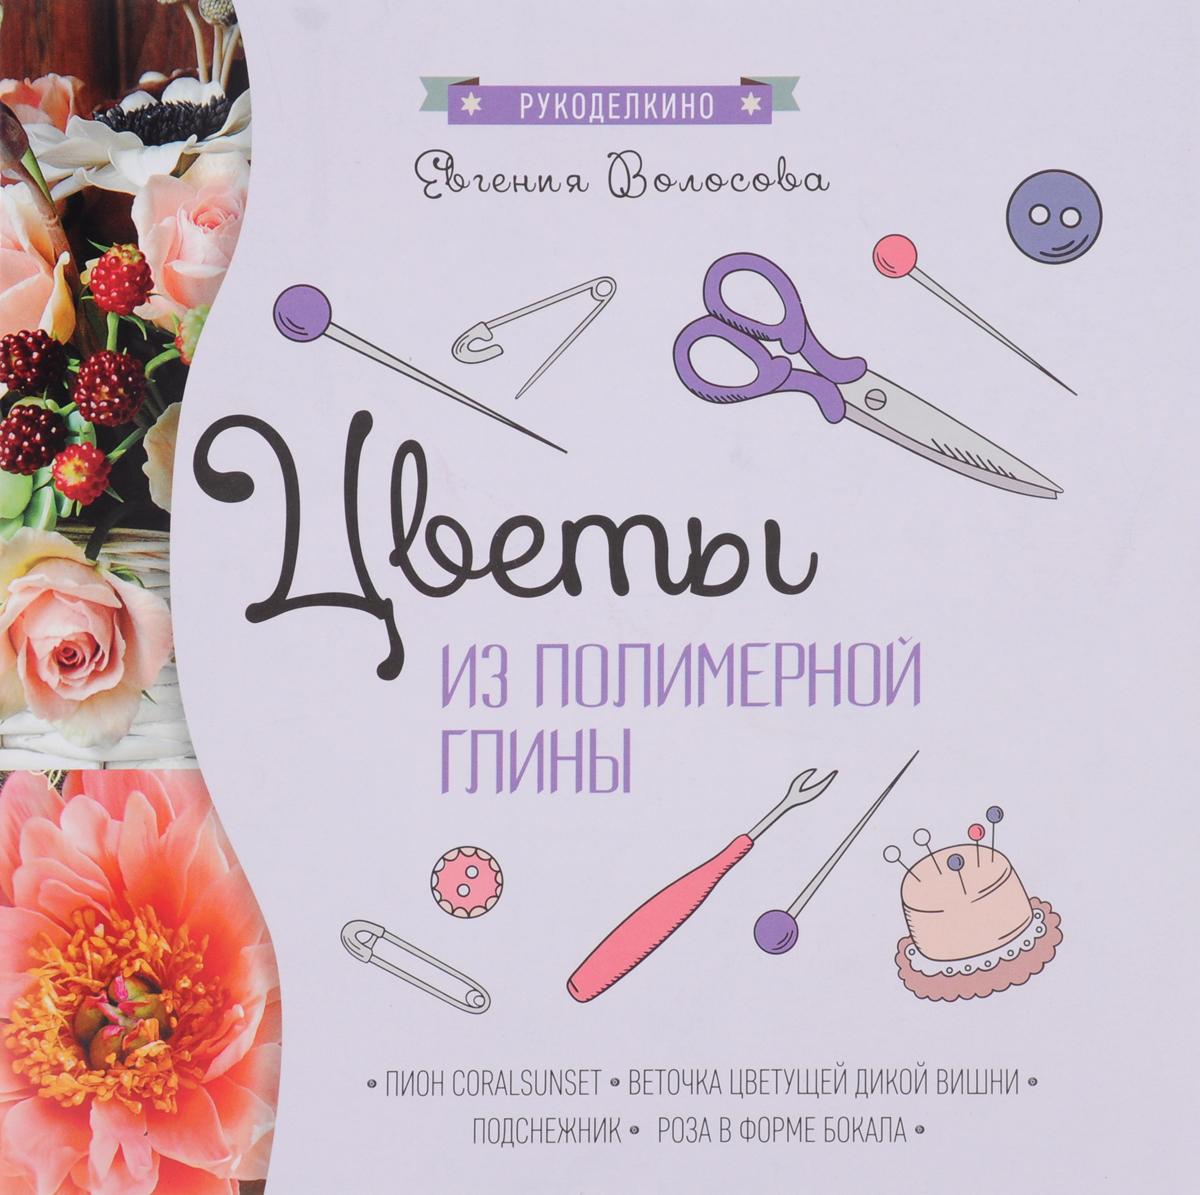 9785222279045 - Евгения Волосова: Цветы из полимерной глины - Книга